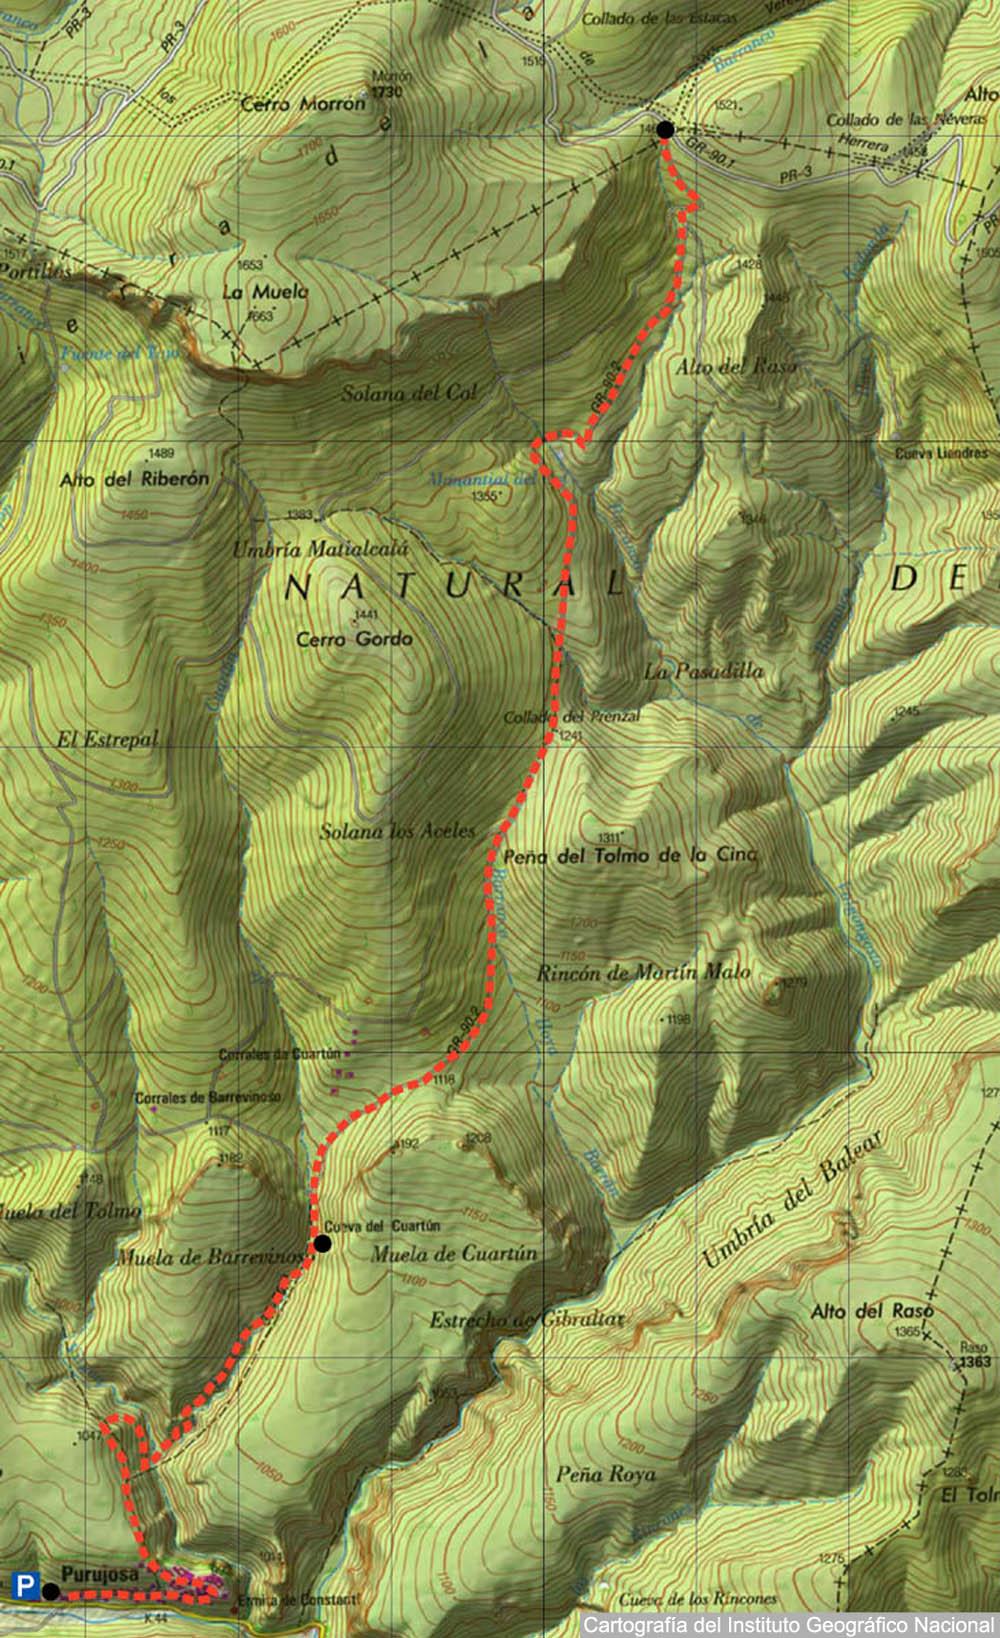 mapa_barrancodecuartun